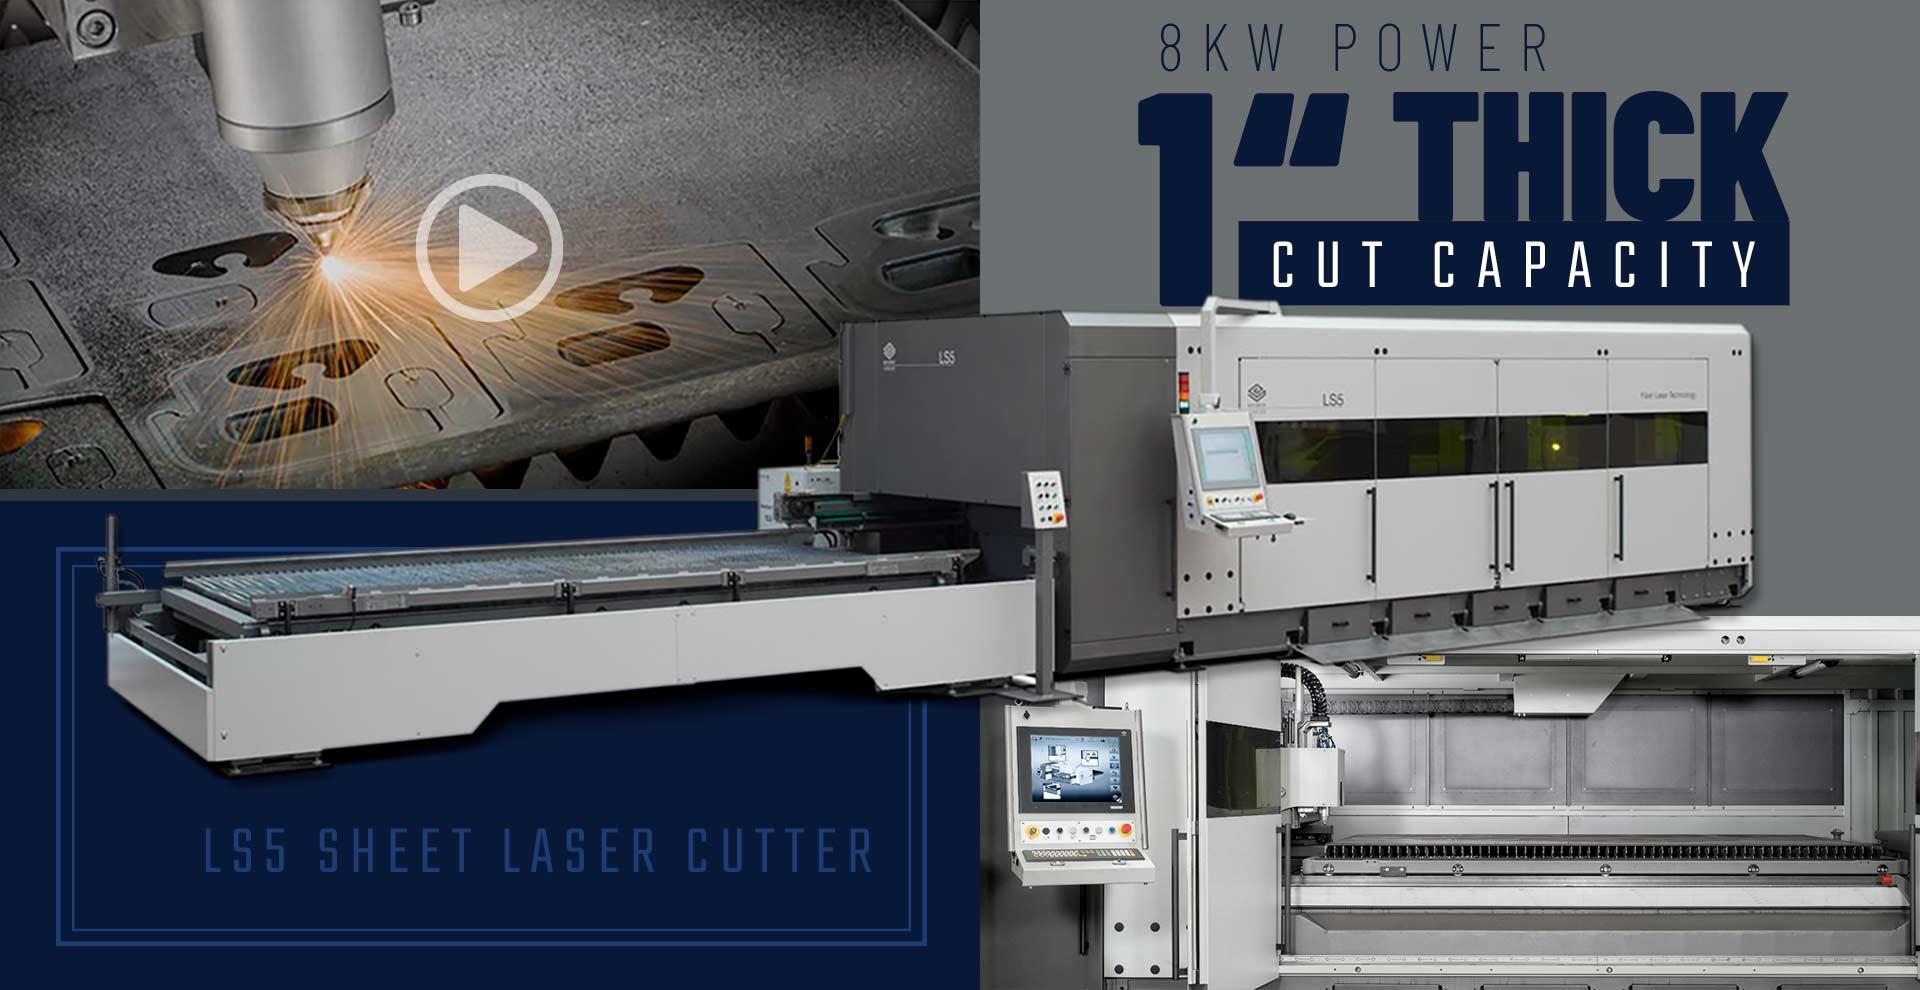 flatbed-ls5-fiber-laser